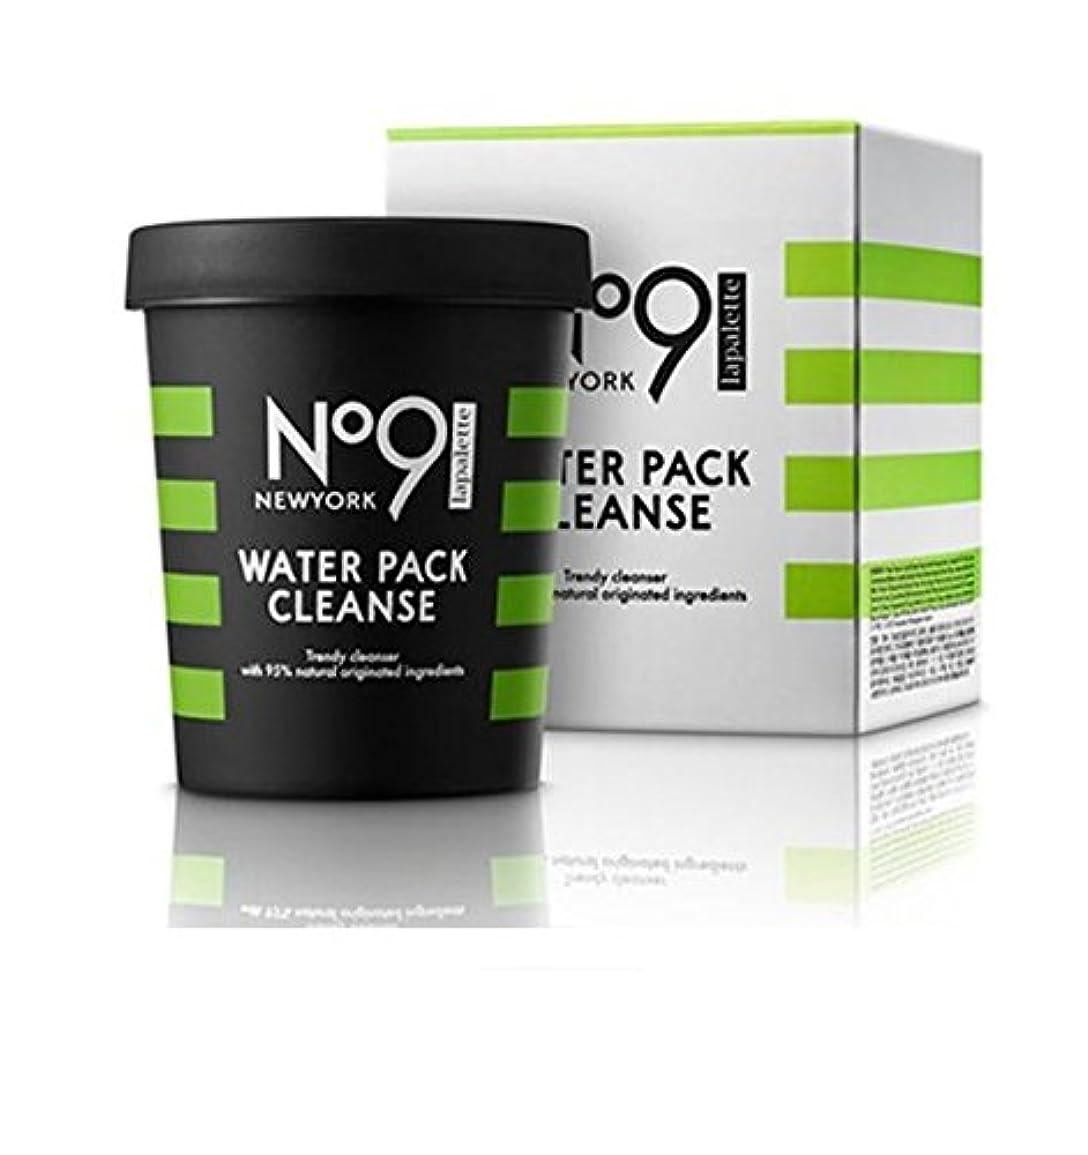 賞粘り強い書くlapalette (ラ パレット) No.9 ウォーター パッククレンザー/No.9 Water Pack Cleanse (250g) (ゼリーゼリーケール(Jelly Jelly Kale)) [並行輸入品]